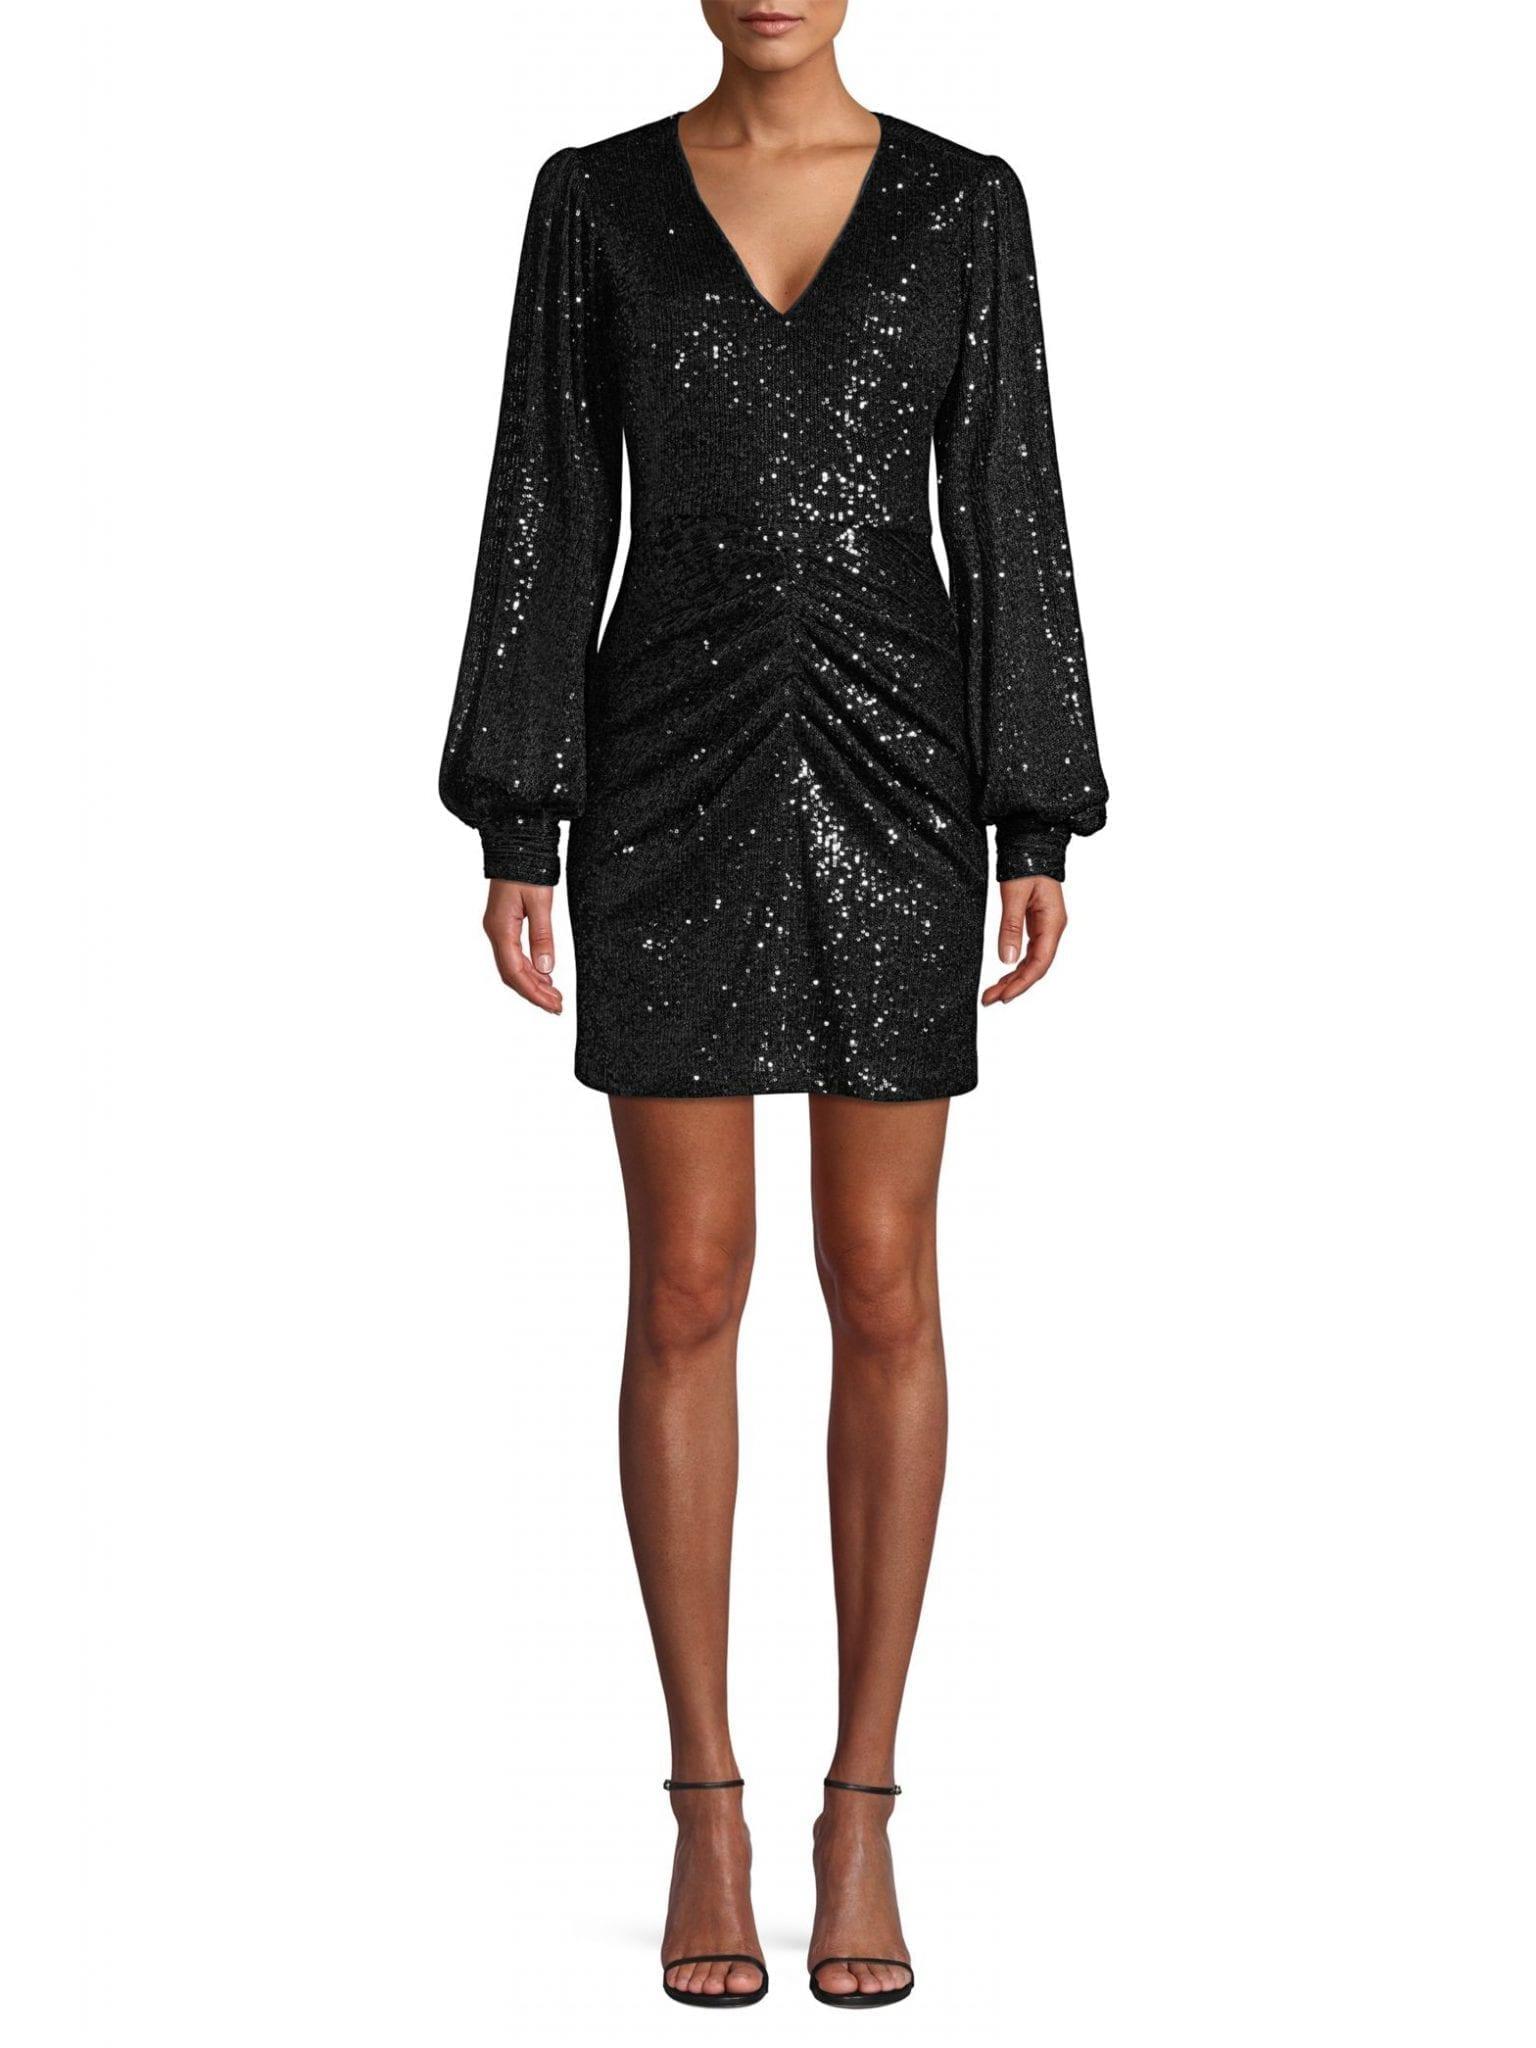 PARKER BLACK Ash Sequin Combo Sheath Dress